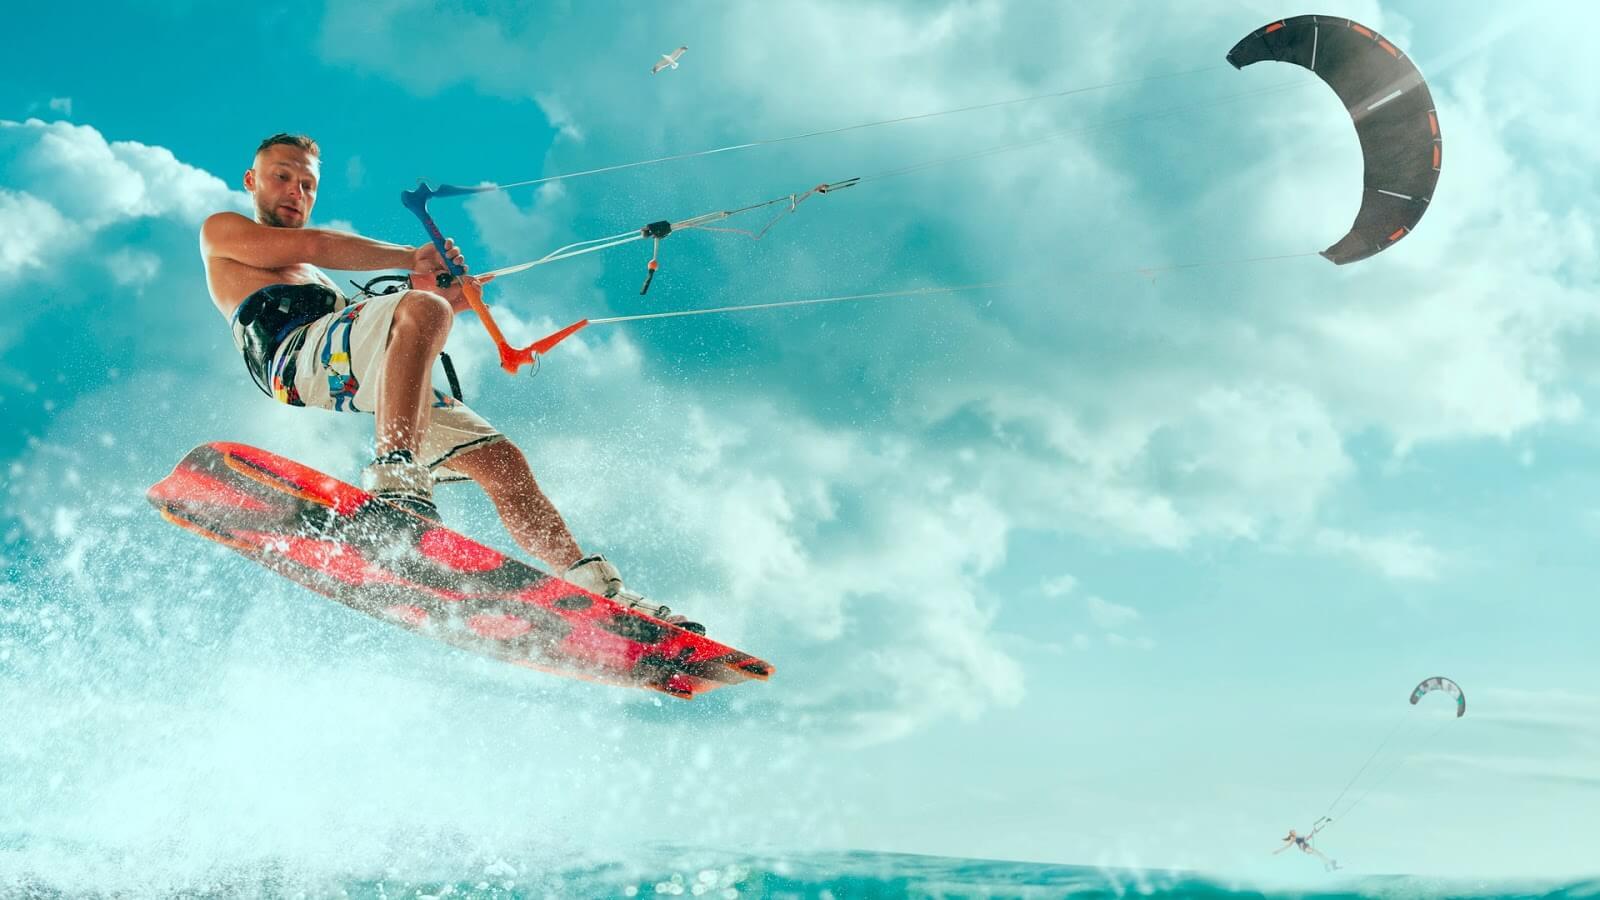 Sporturi extreme - tipuri și clasificare